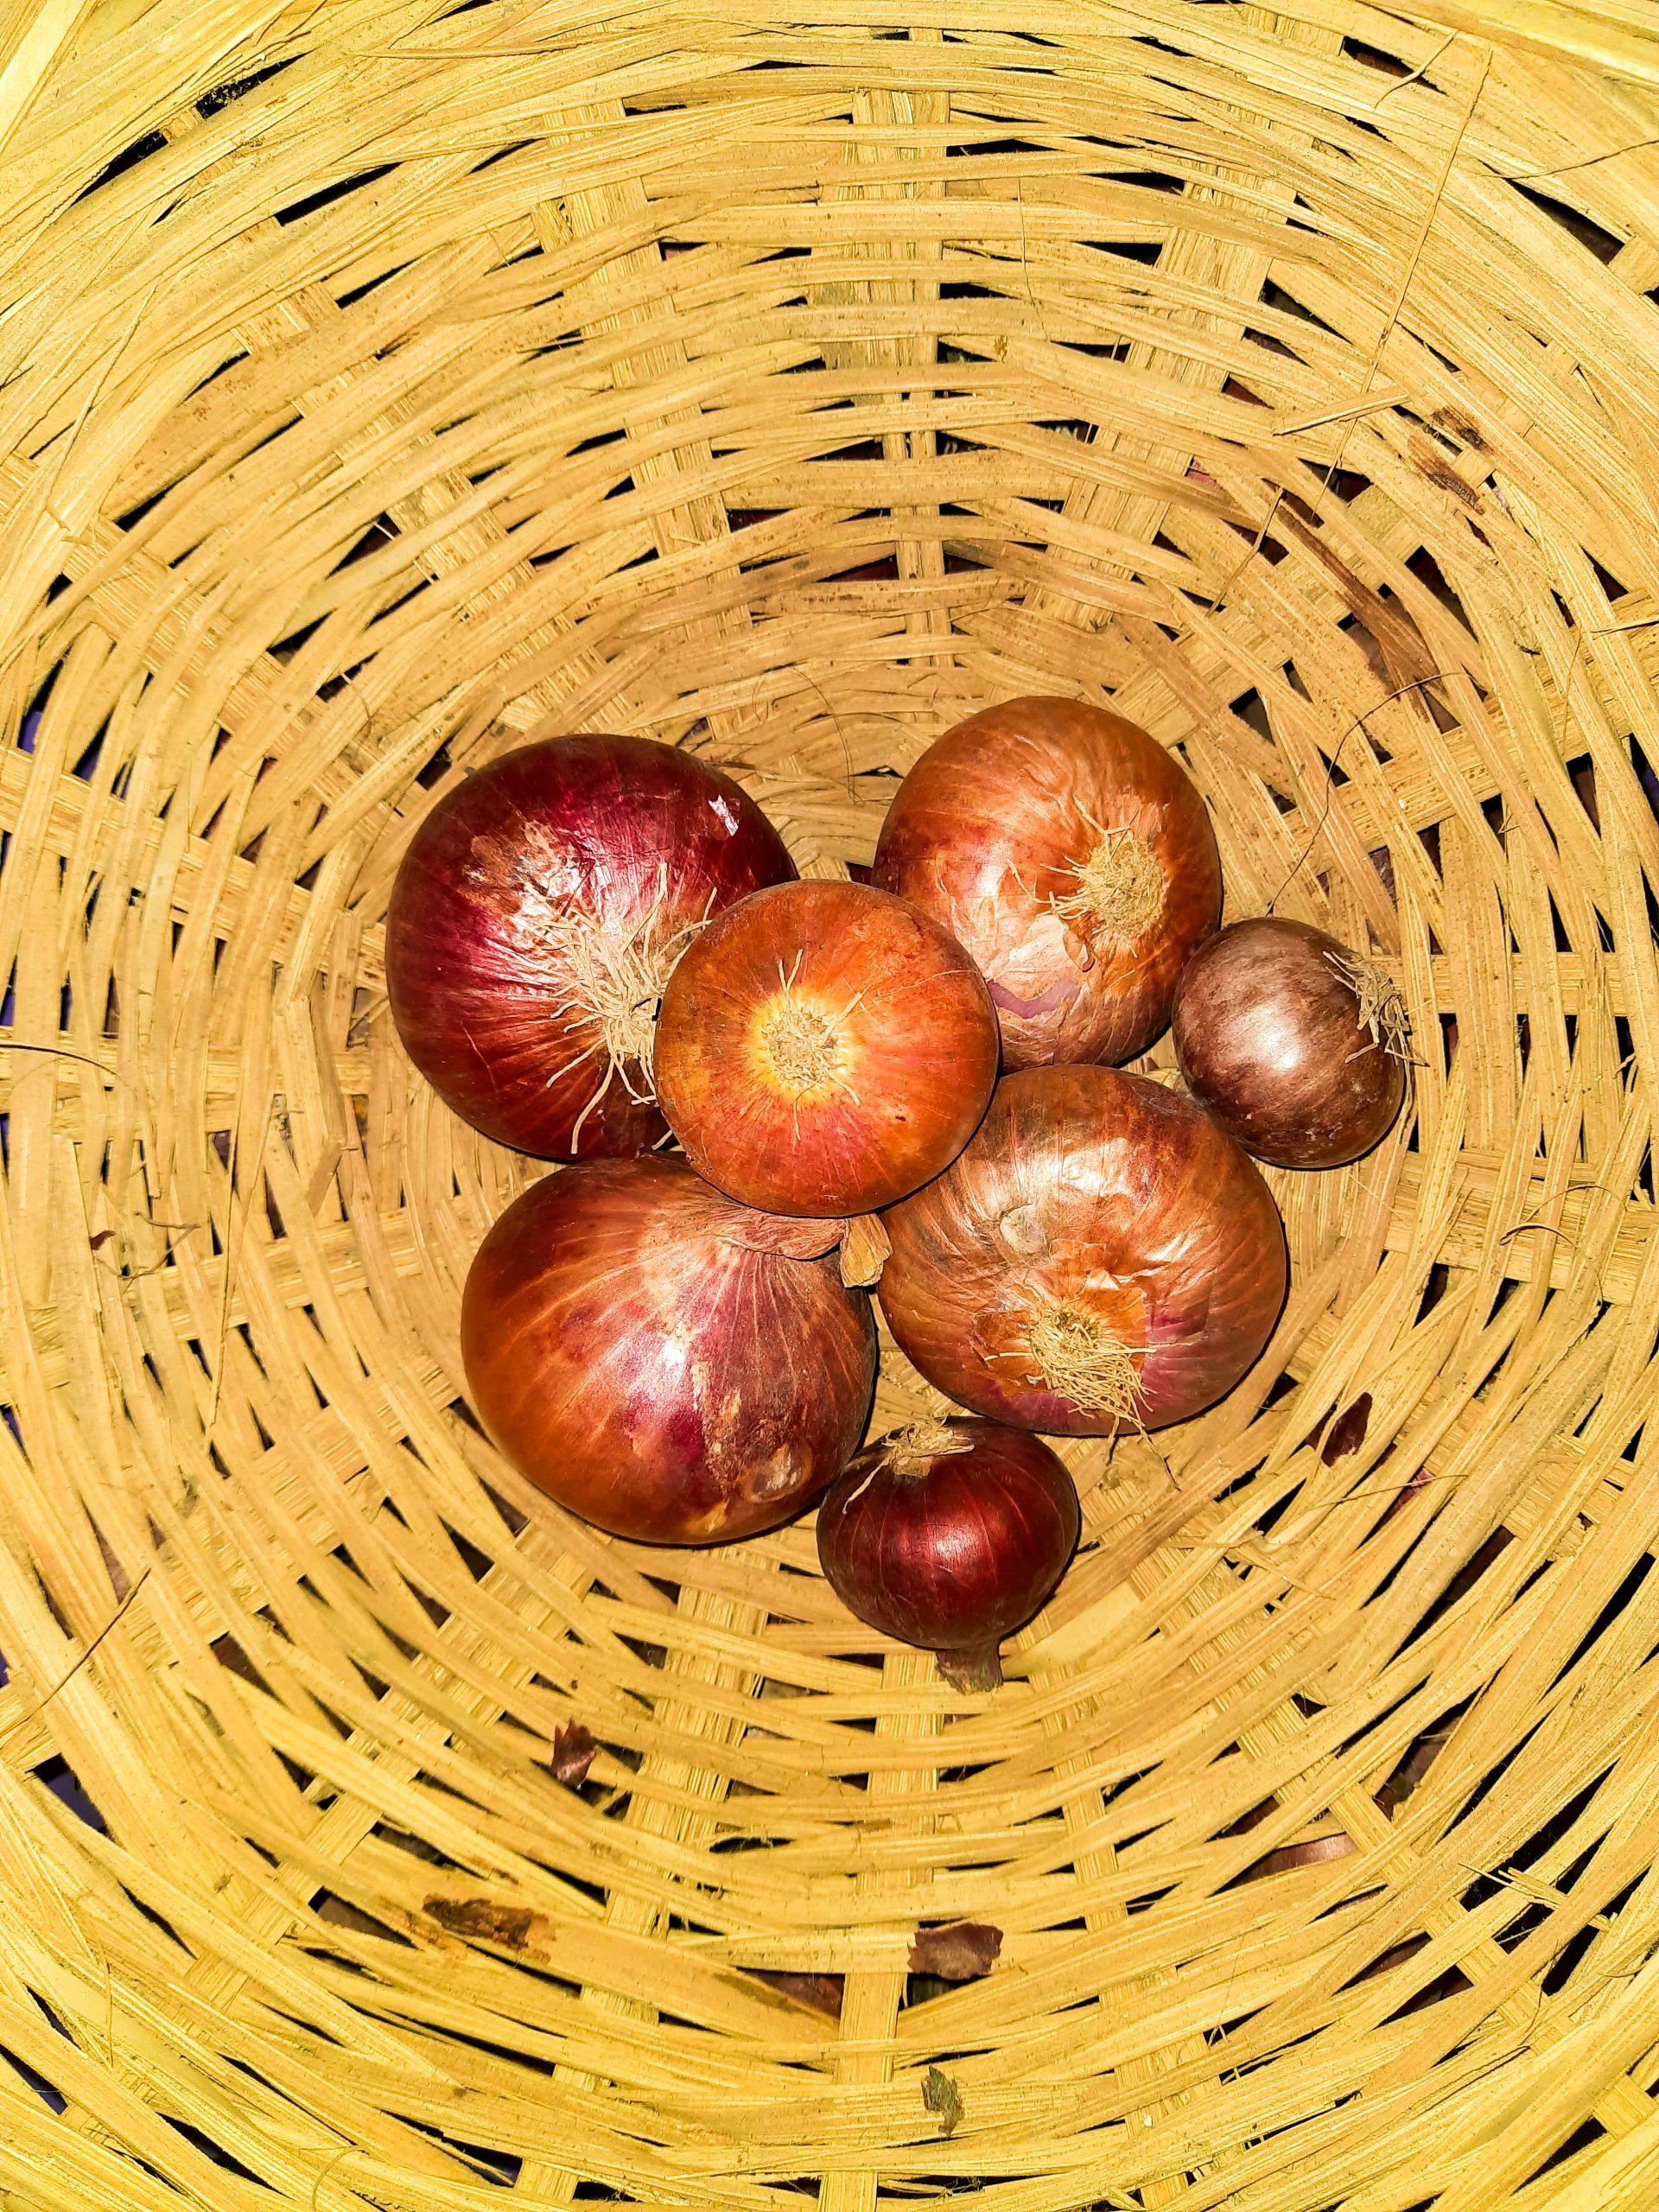 Onions in wicker basket